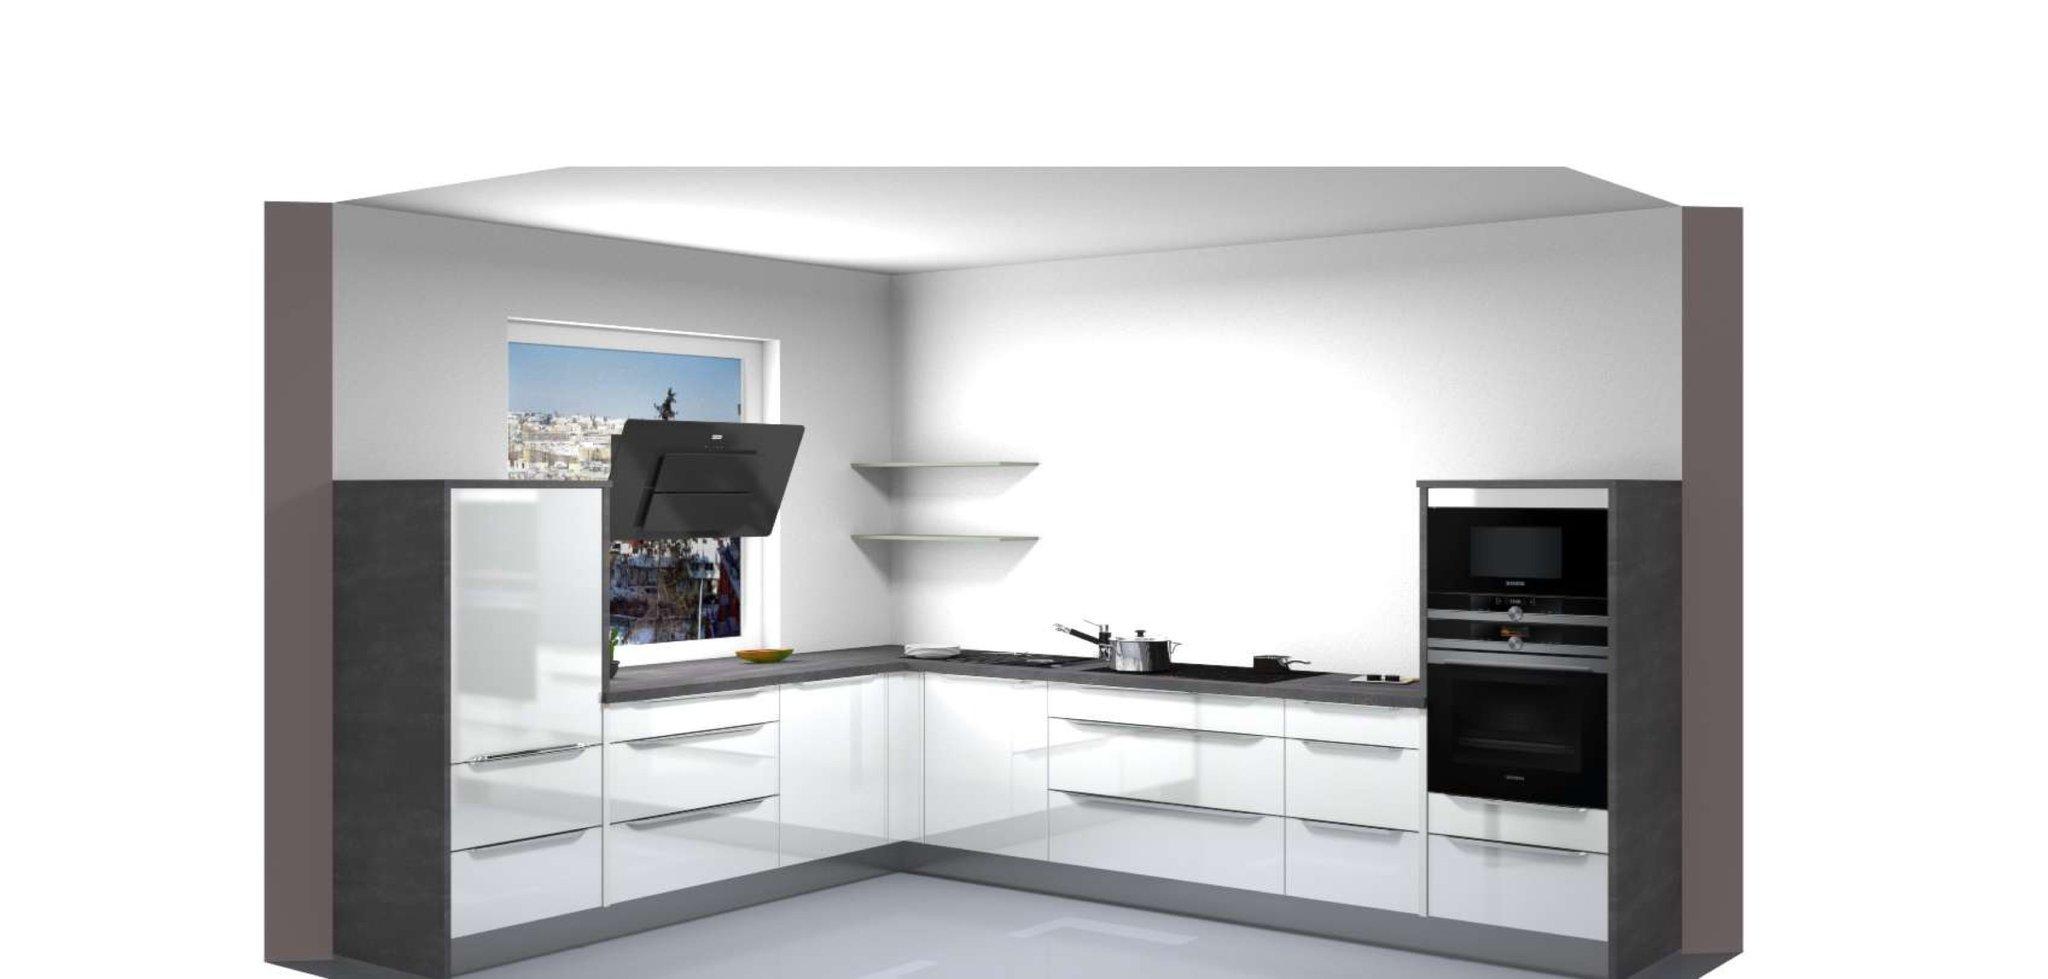 jetzt anrufen 5000 euro k che zu gewinnen duisburg. Black Bedroom Furniture Sets. Home Design Ideas